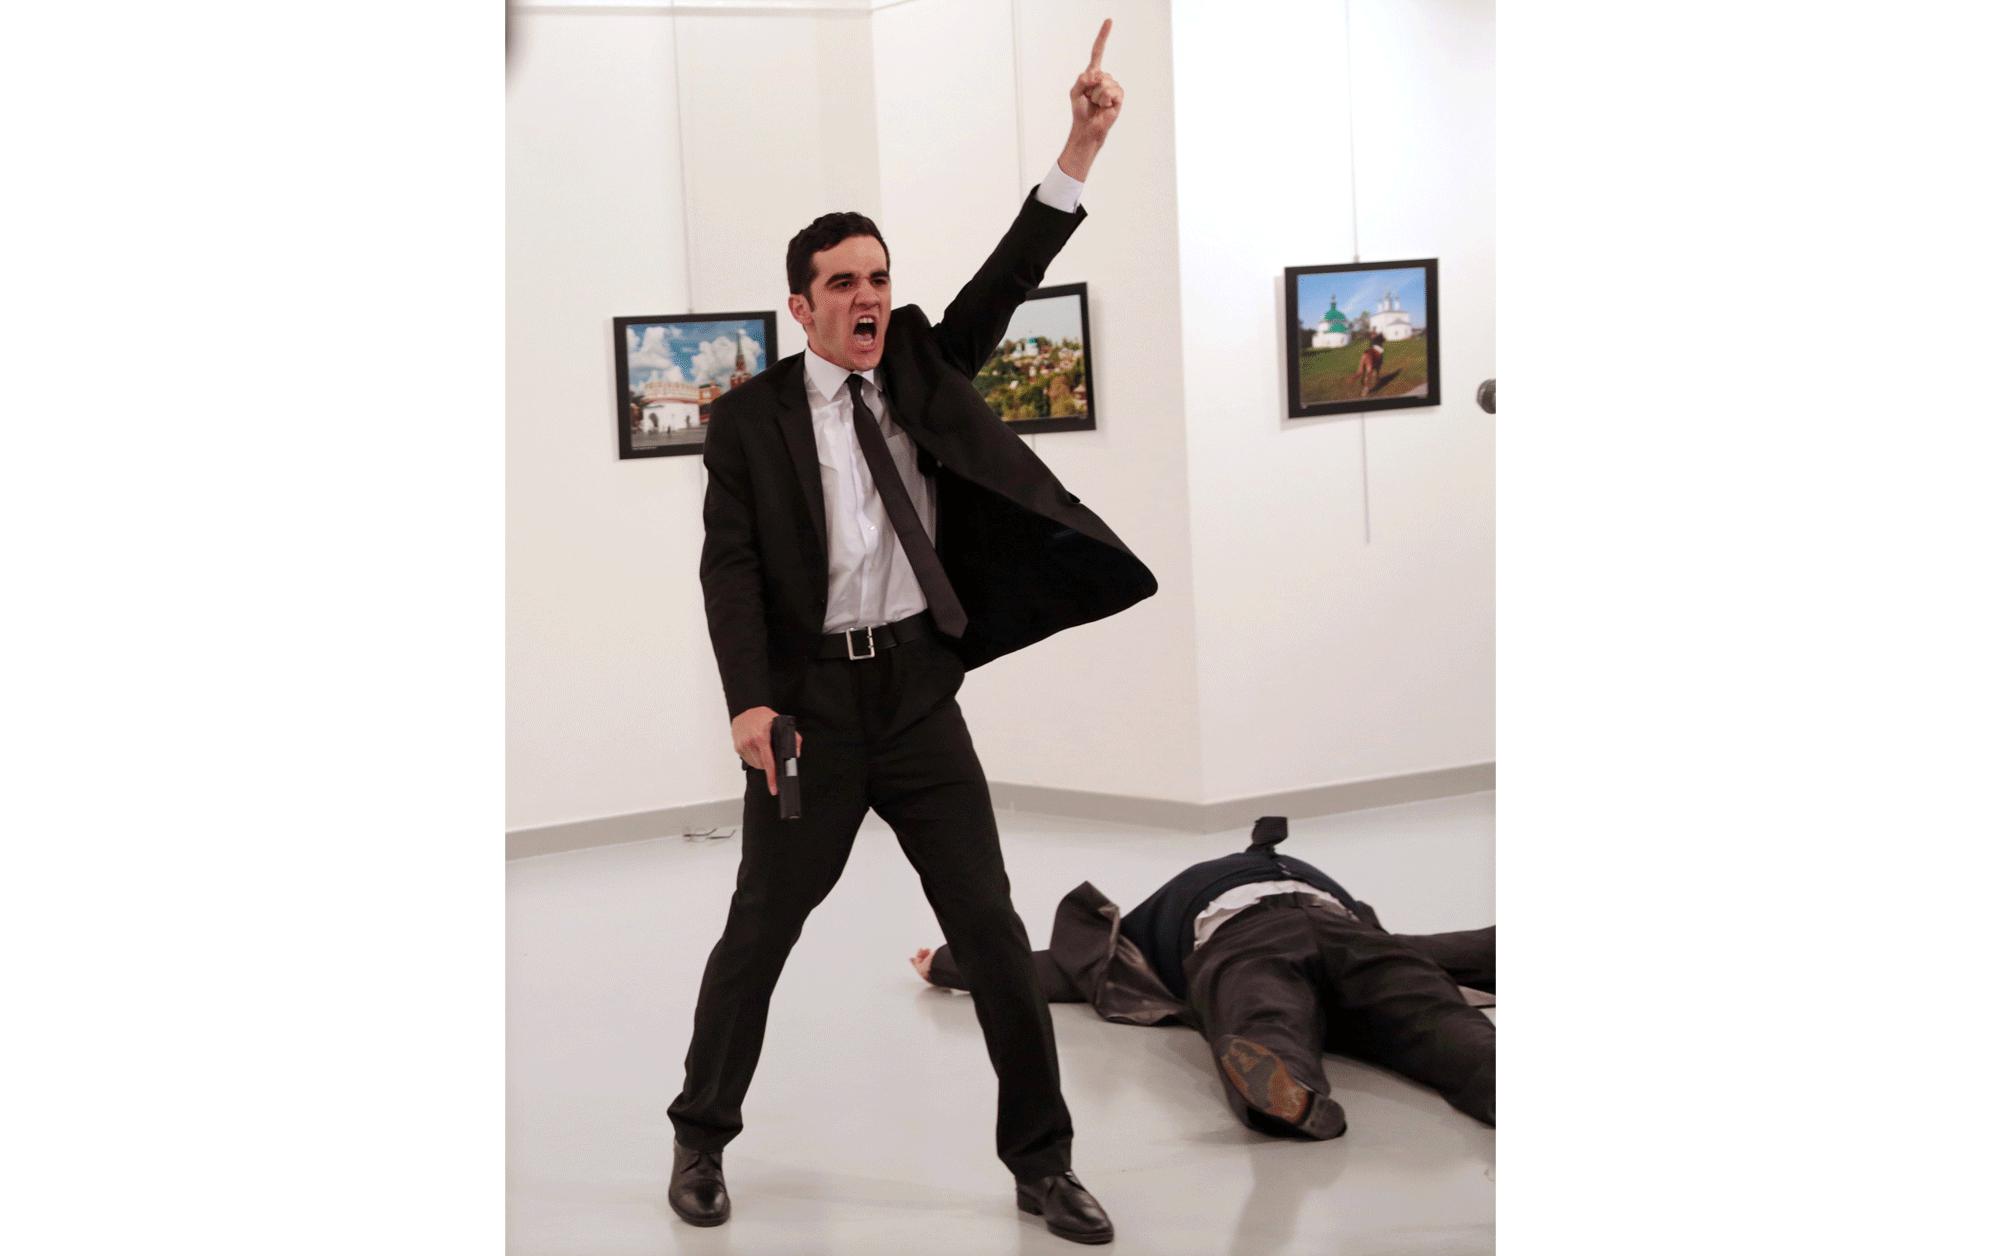 ブルハン・オズビリジ(トルコ、AP通信)2016年12月19日(アンカラ、トルコ)